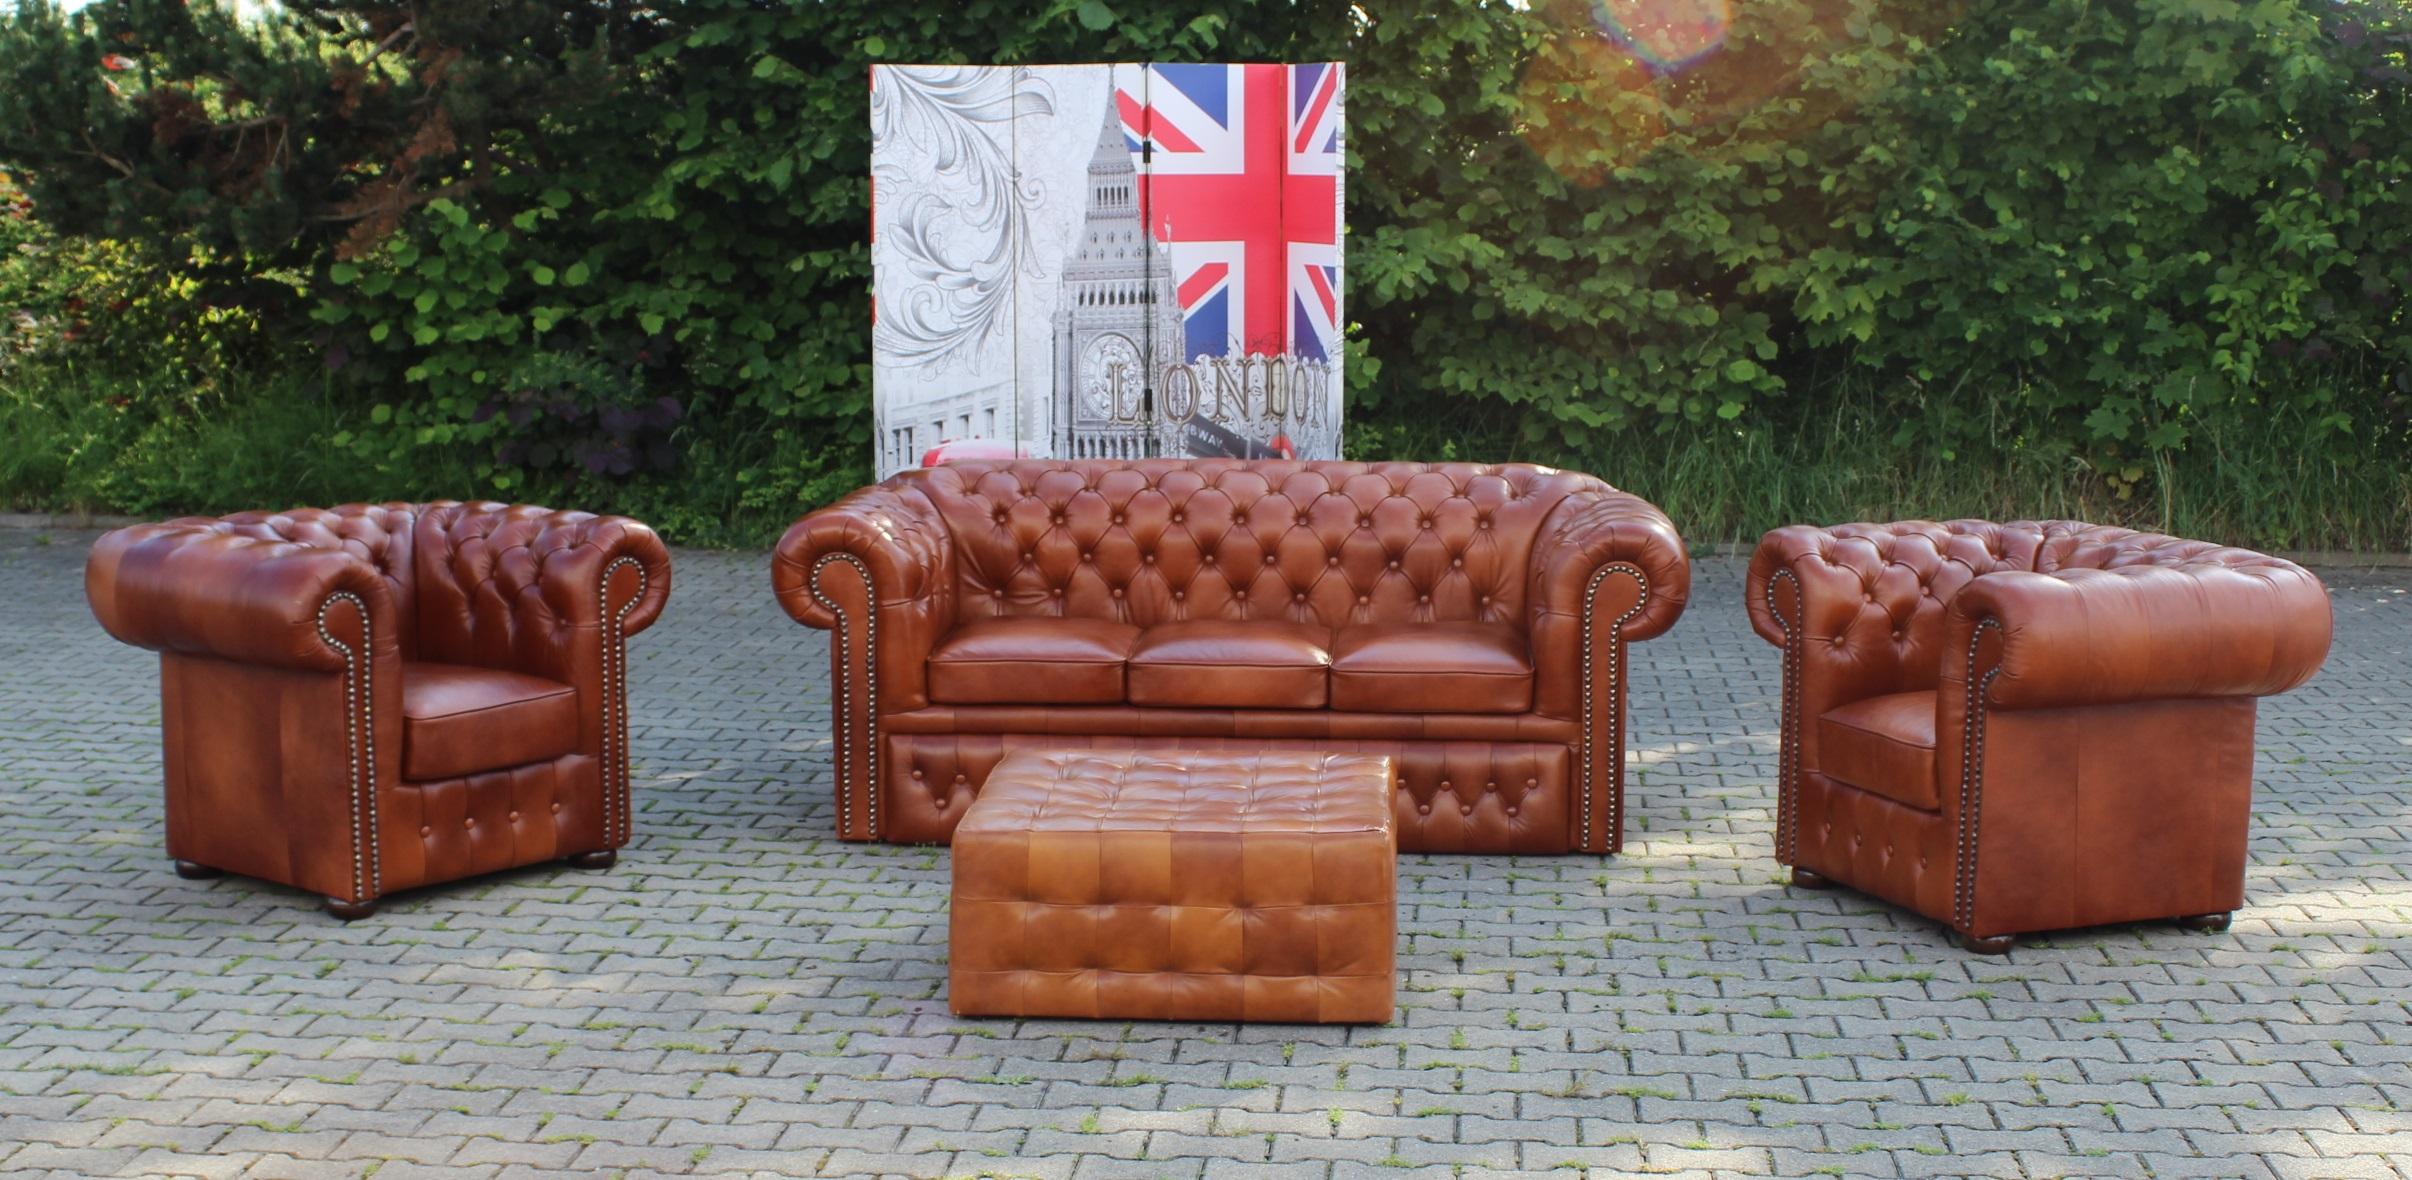 Malerisch Leder Sofa Garnitur Foto Von Sofagarnitur Naxford 3+2+1+hocker